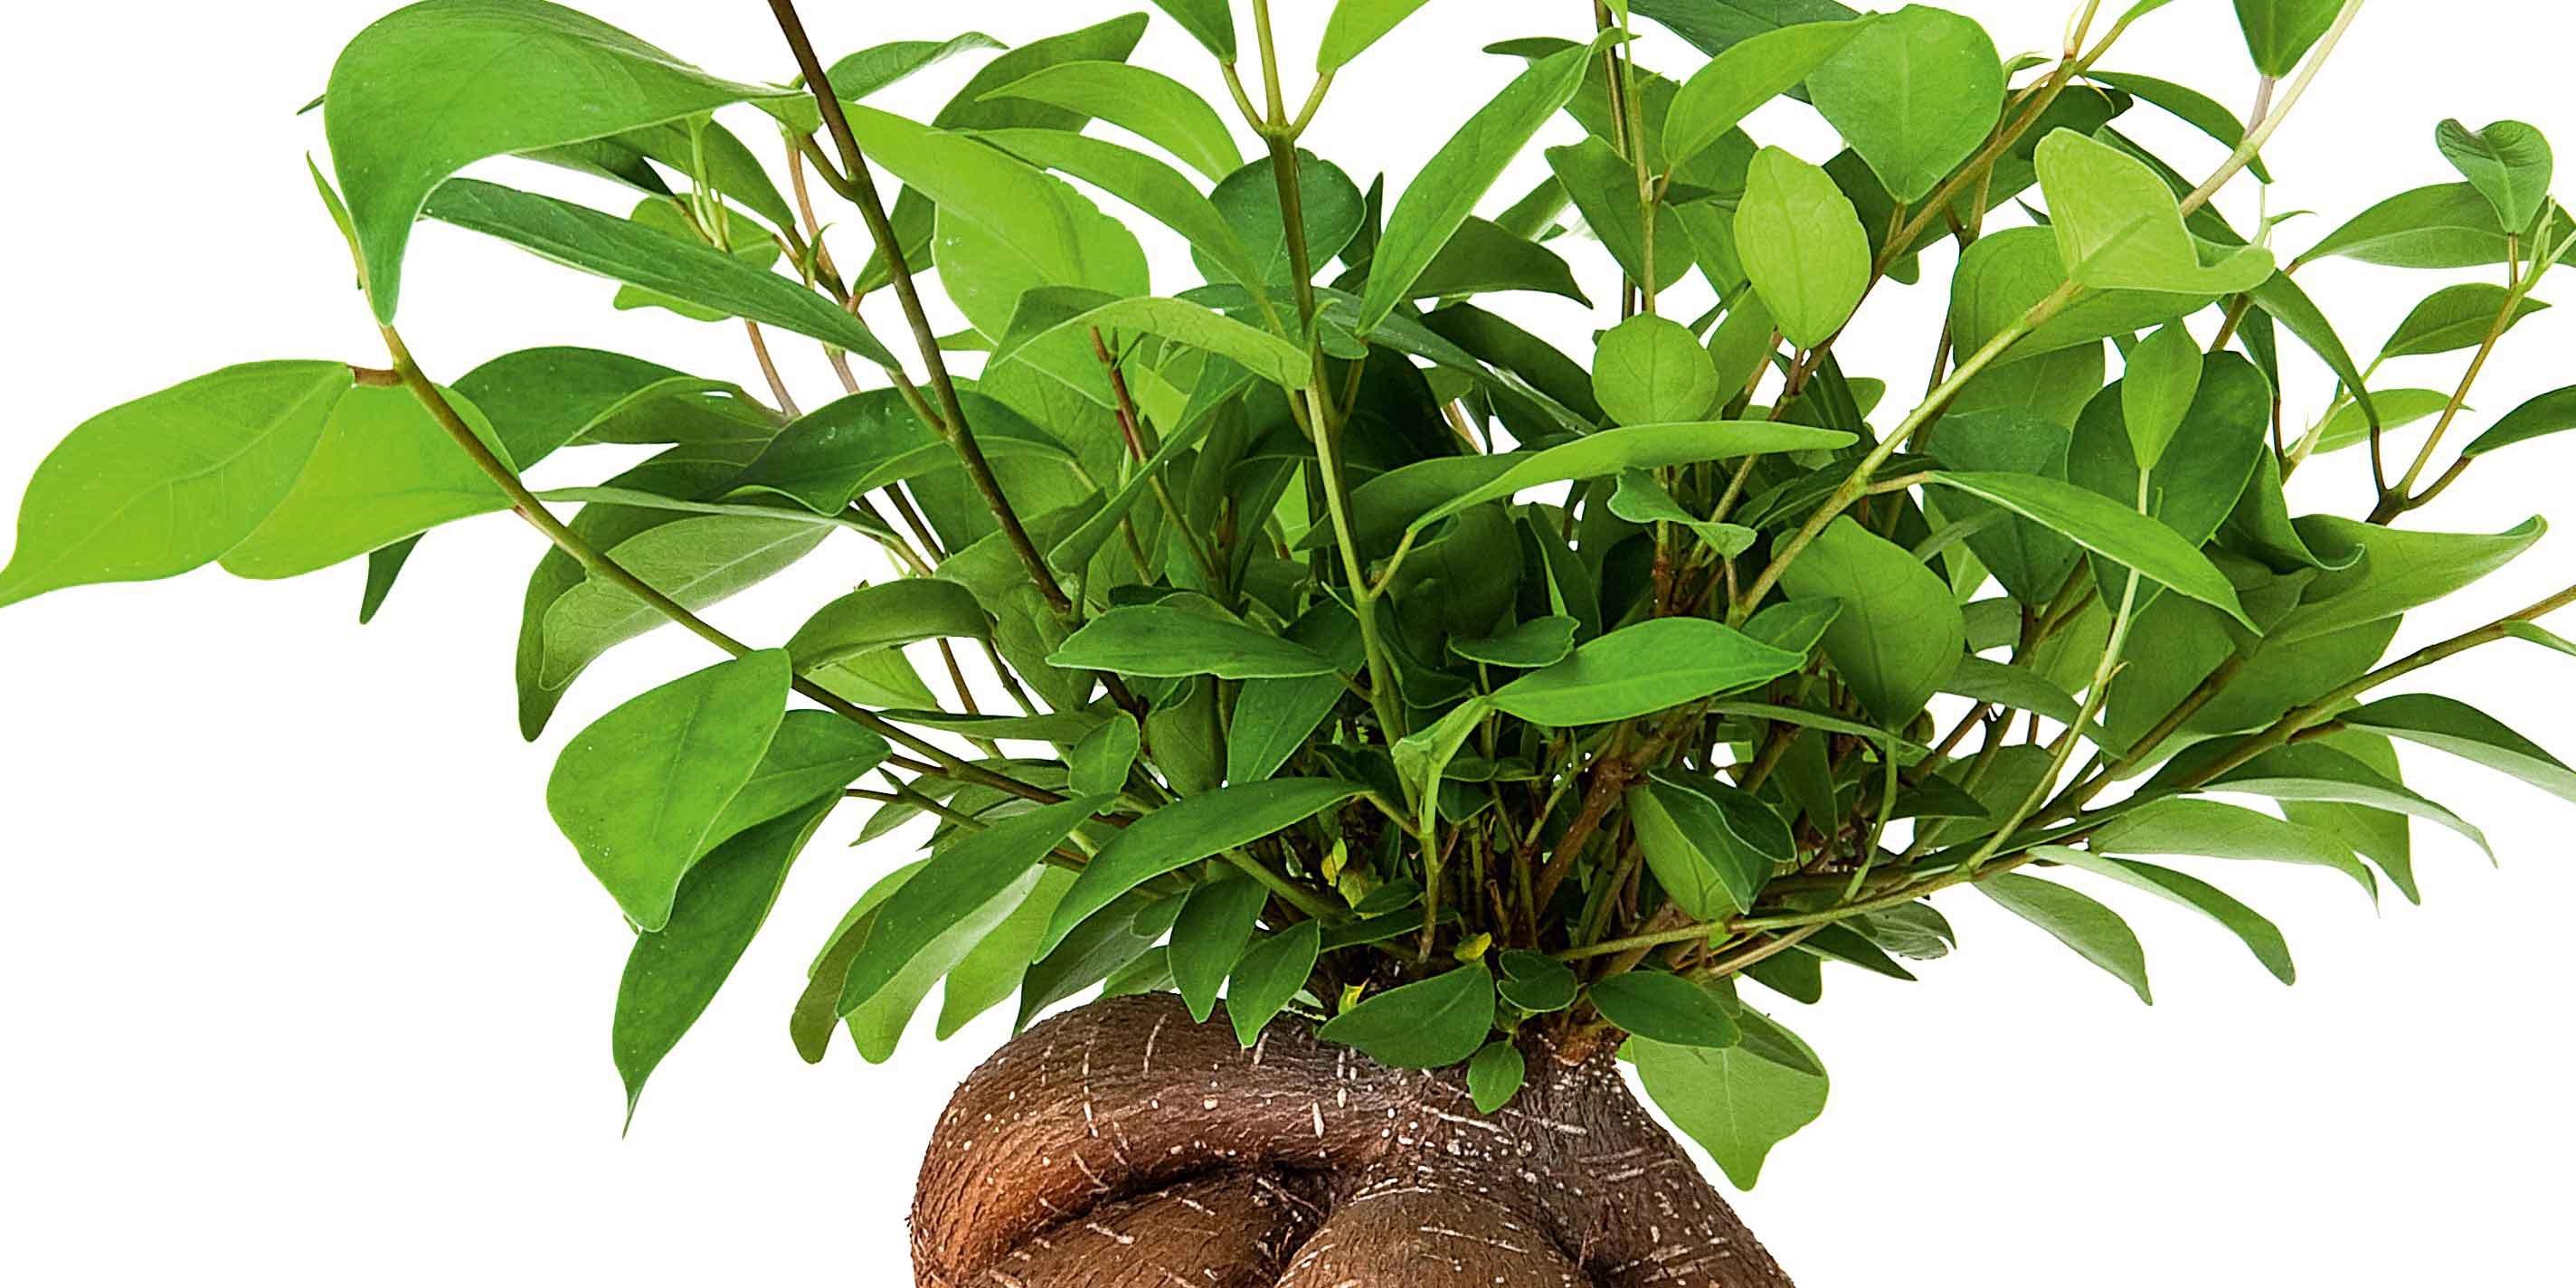 Come Riprodurre Il Ficus Benjamin ficus da interni casa sempre rigogliosi: elenco specie, cure